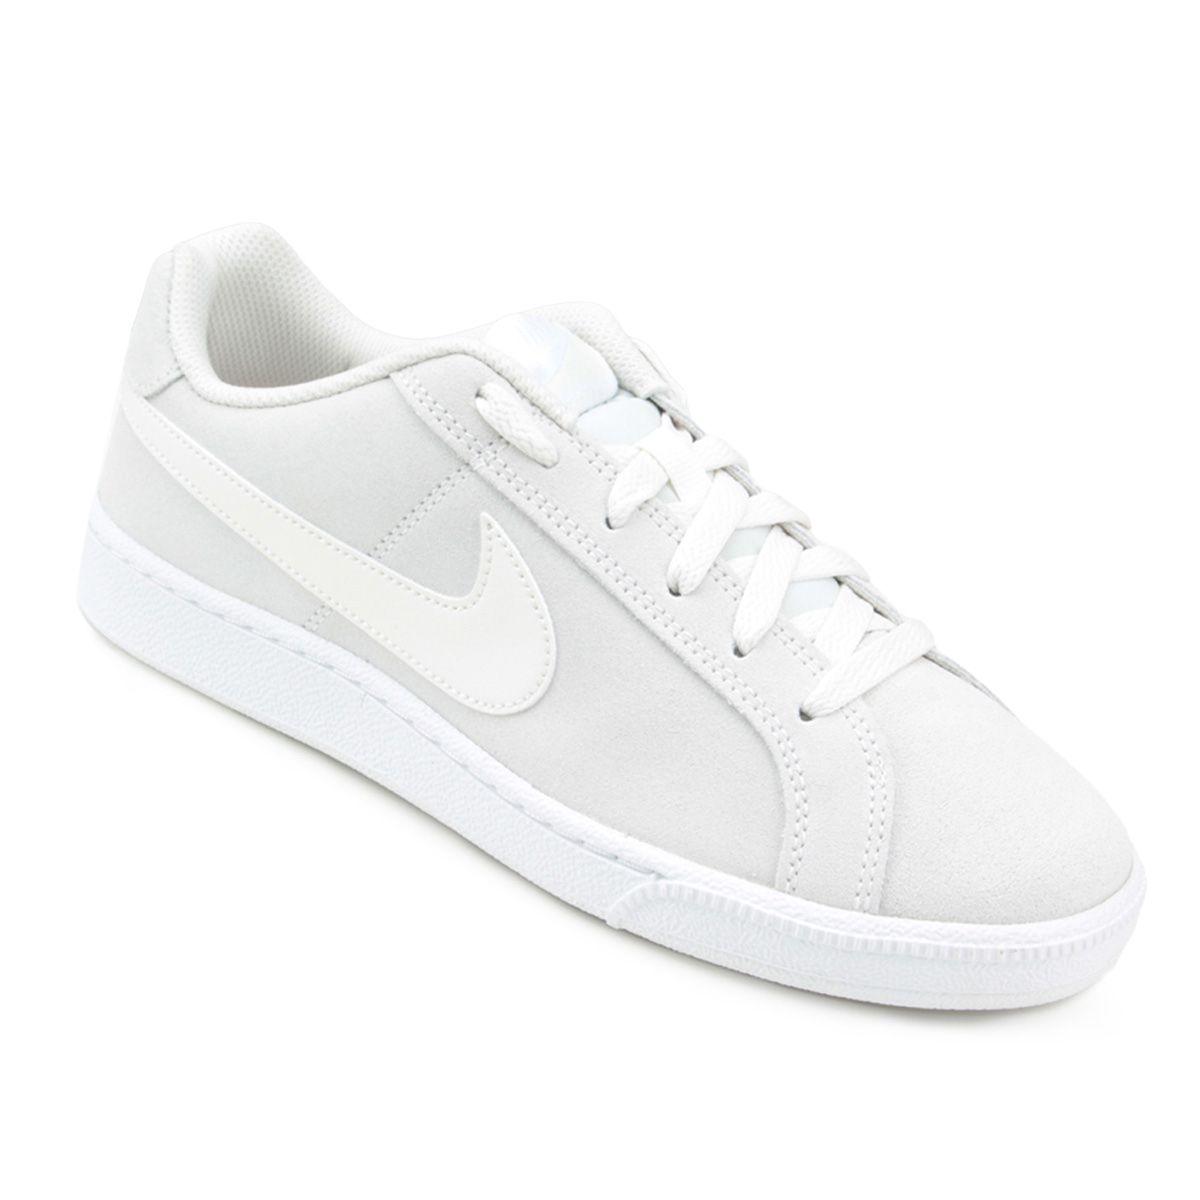 Tênis Nike Wmns Court Royale Masculino NETSHOES white  3746743bd5bb2